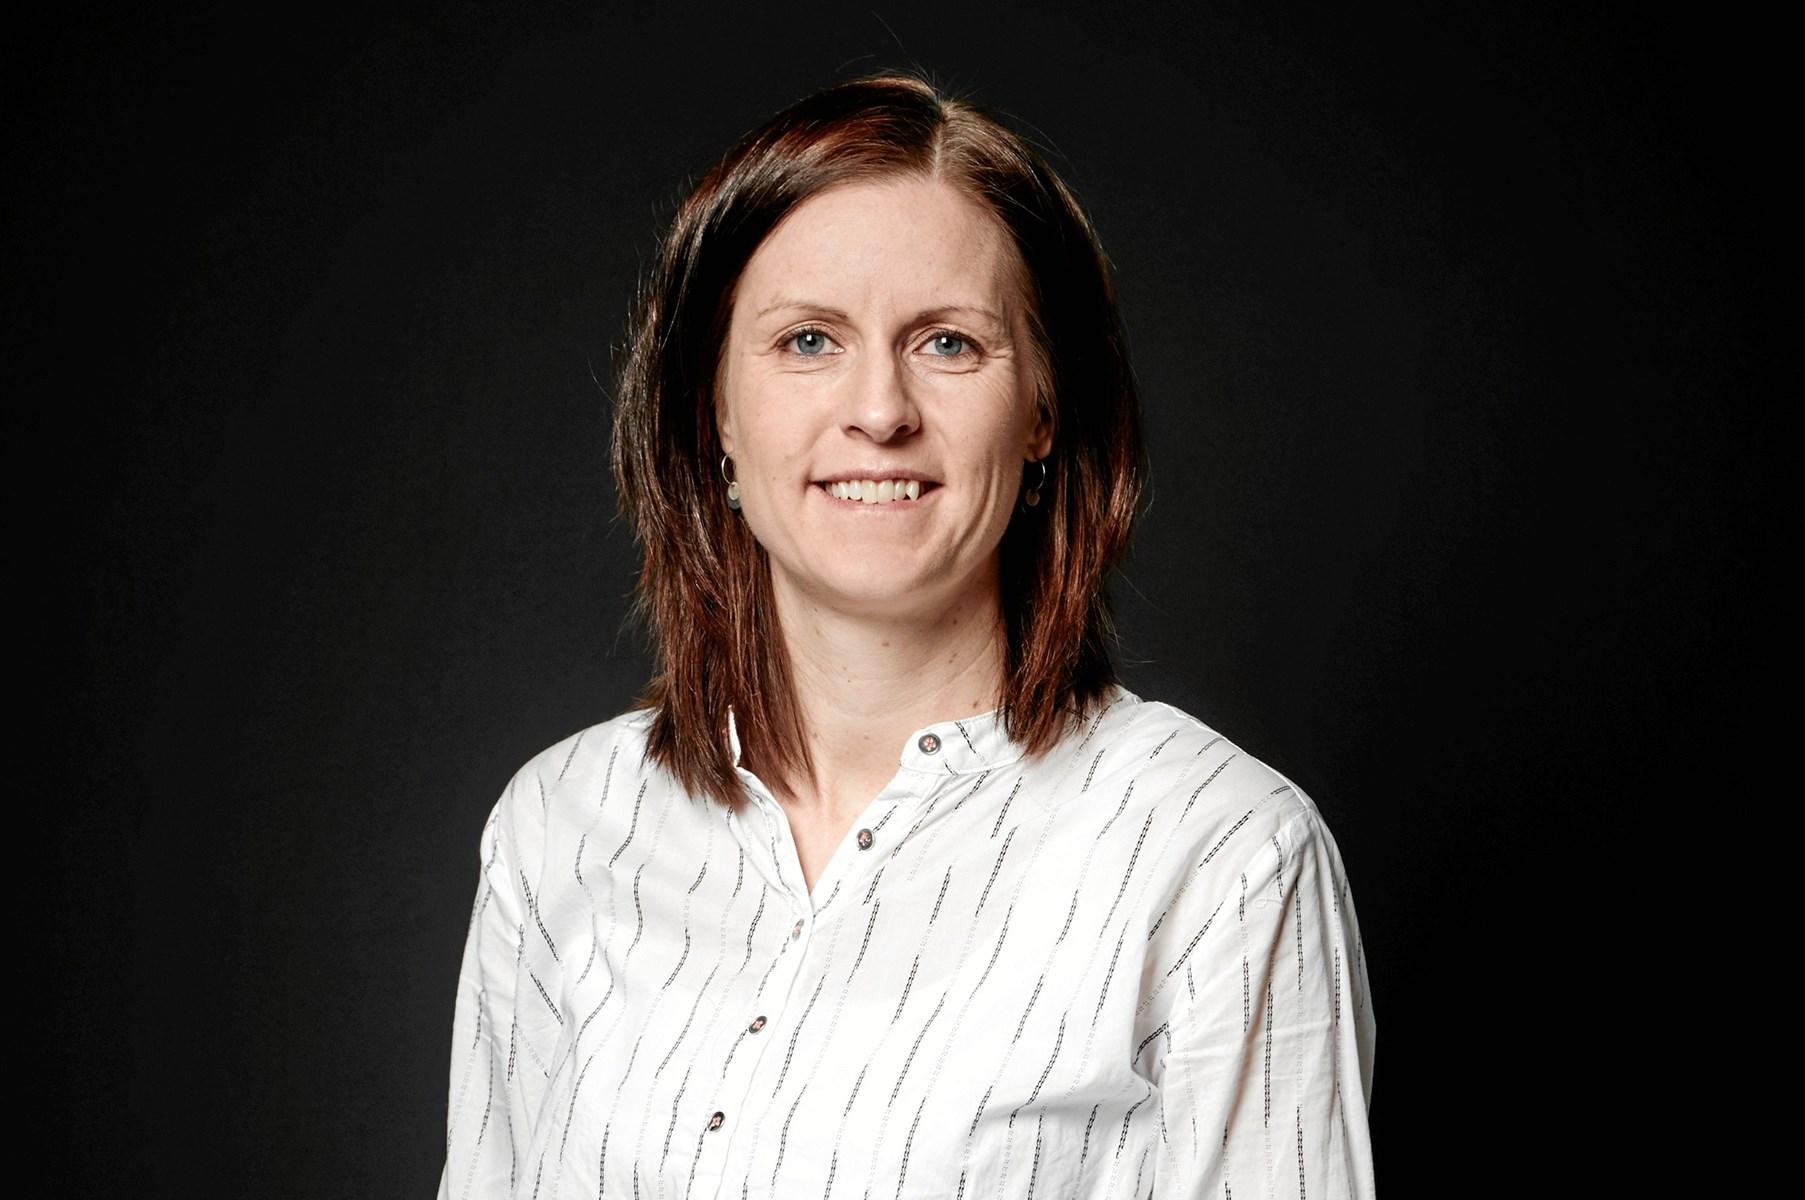 Malene Charlotte Larsen